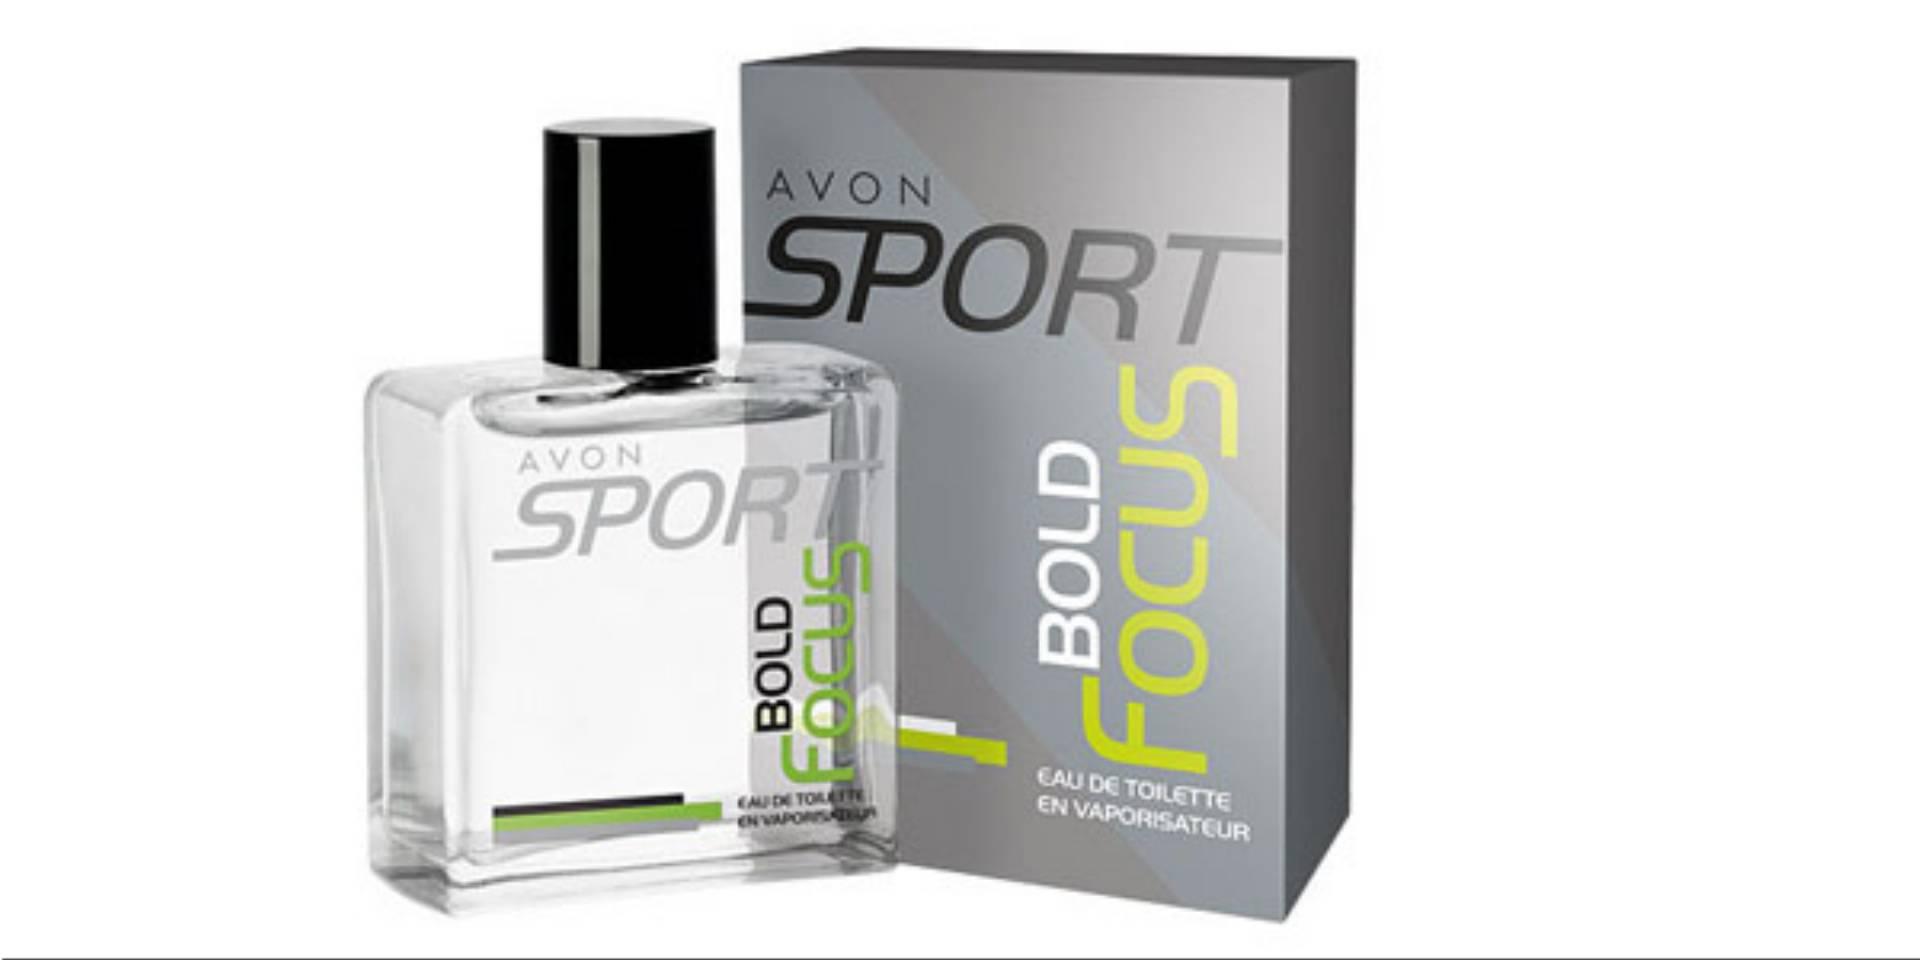 Avon-Sport-Bold-Focus-Eau-de-Toilette-Spray